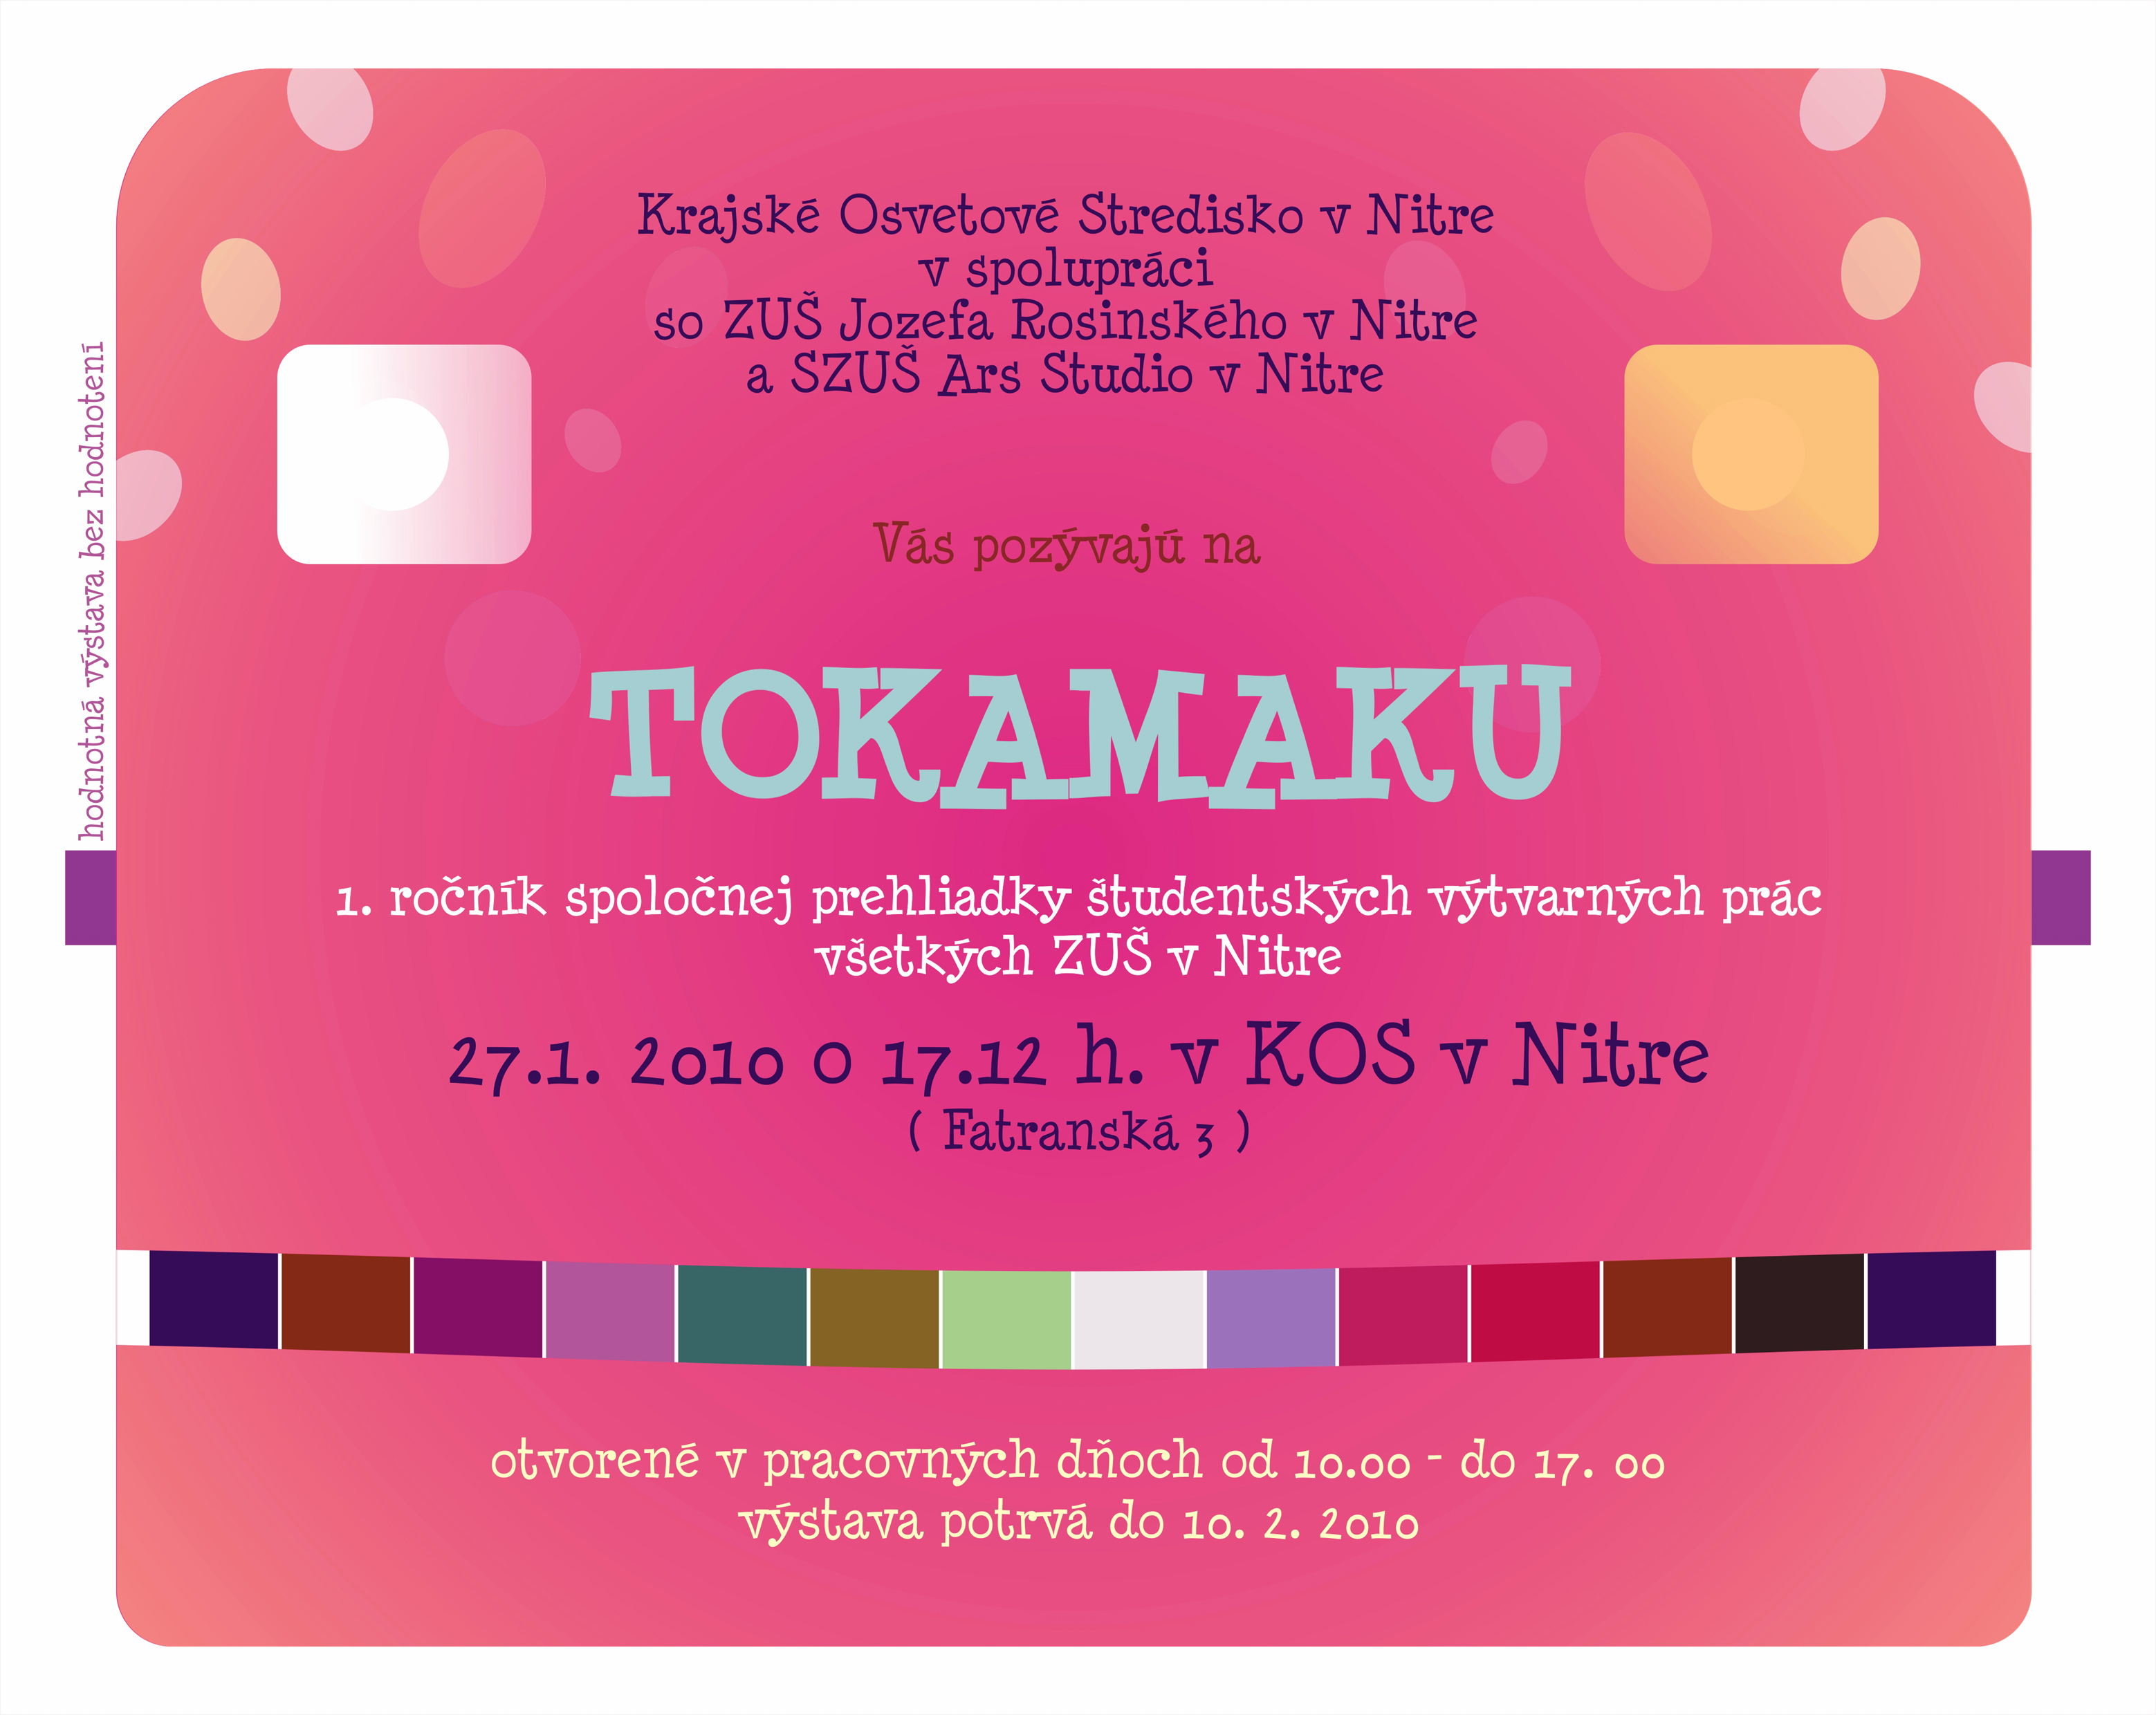 185f034e73eb TOKAMAKU-spoločná prehliadka výtvarných prá - Móda